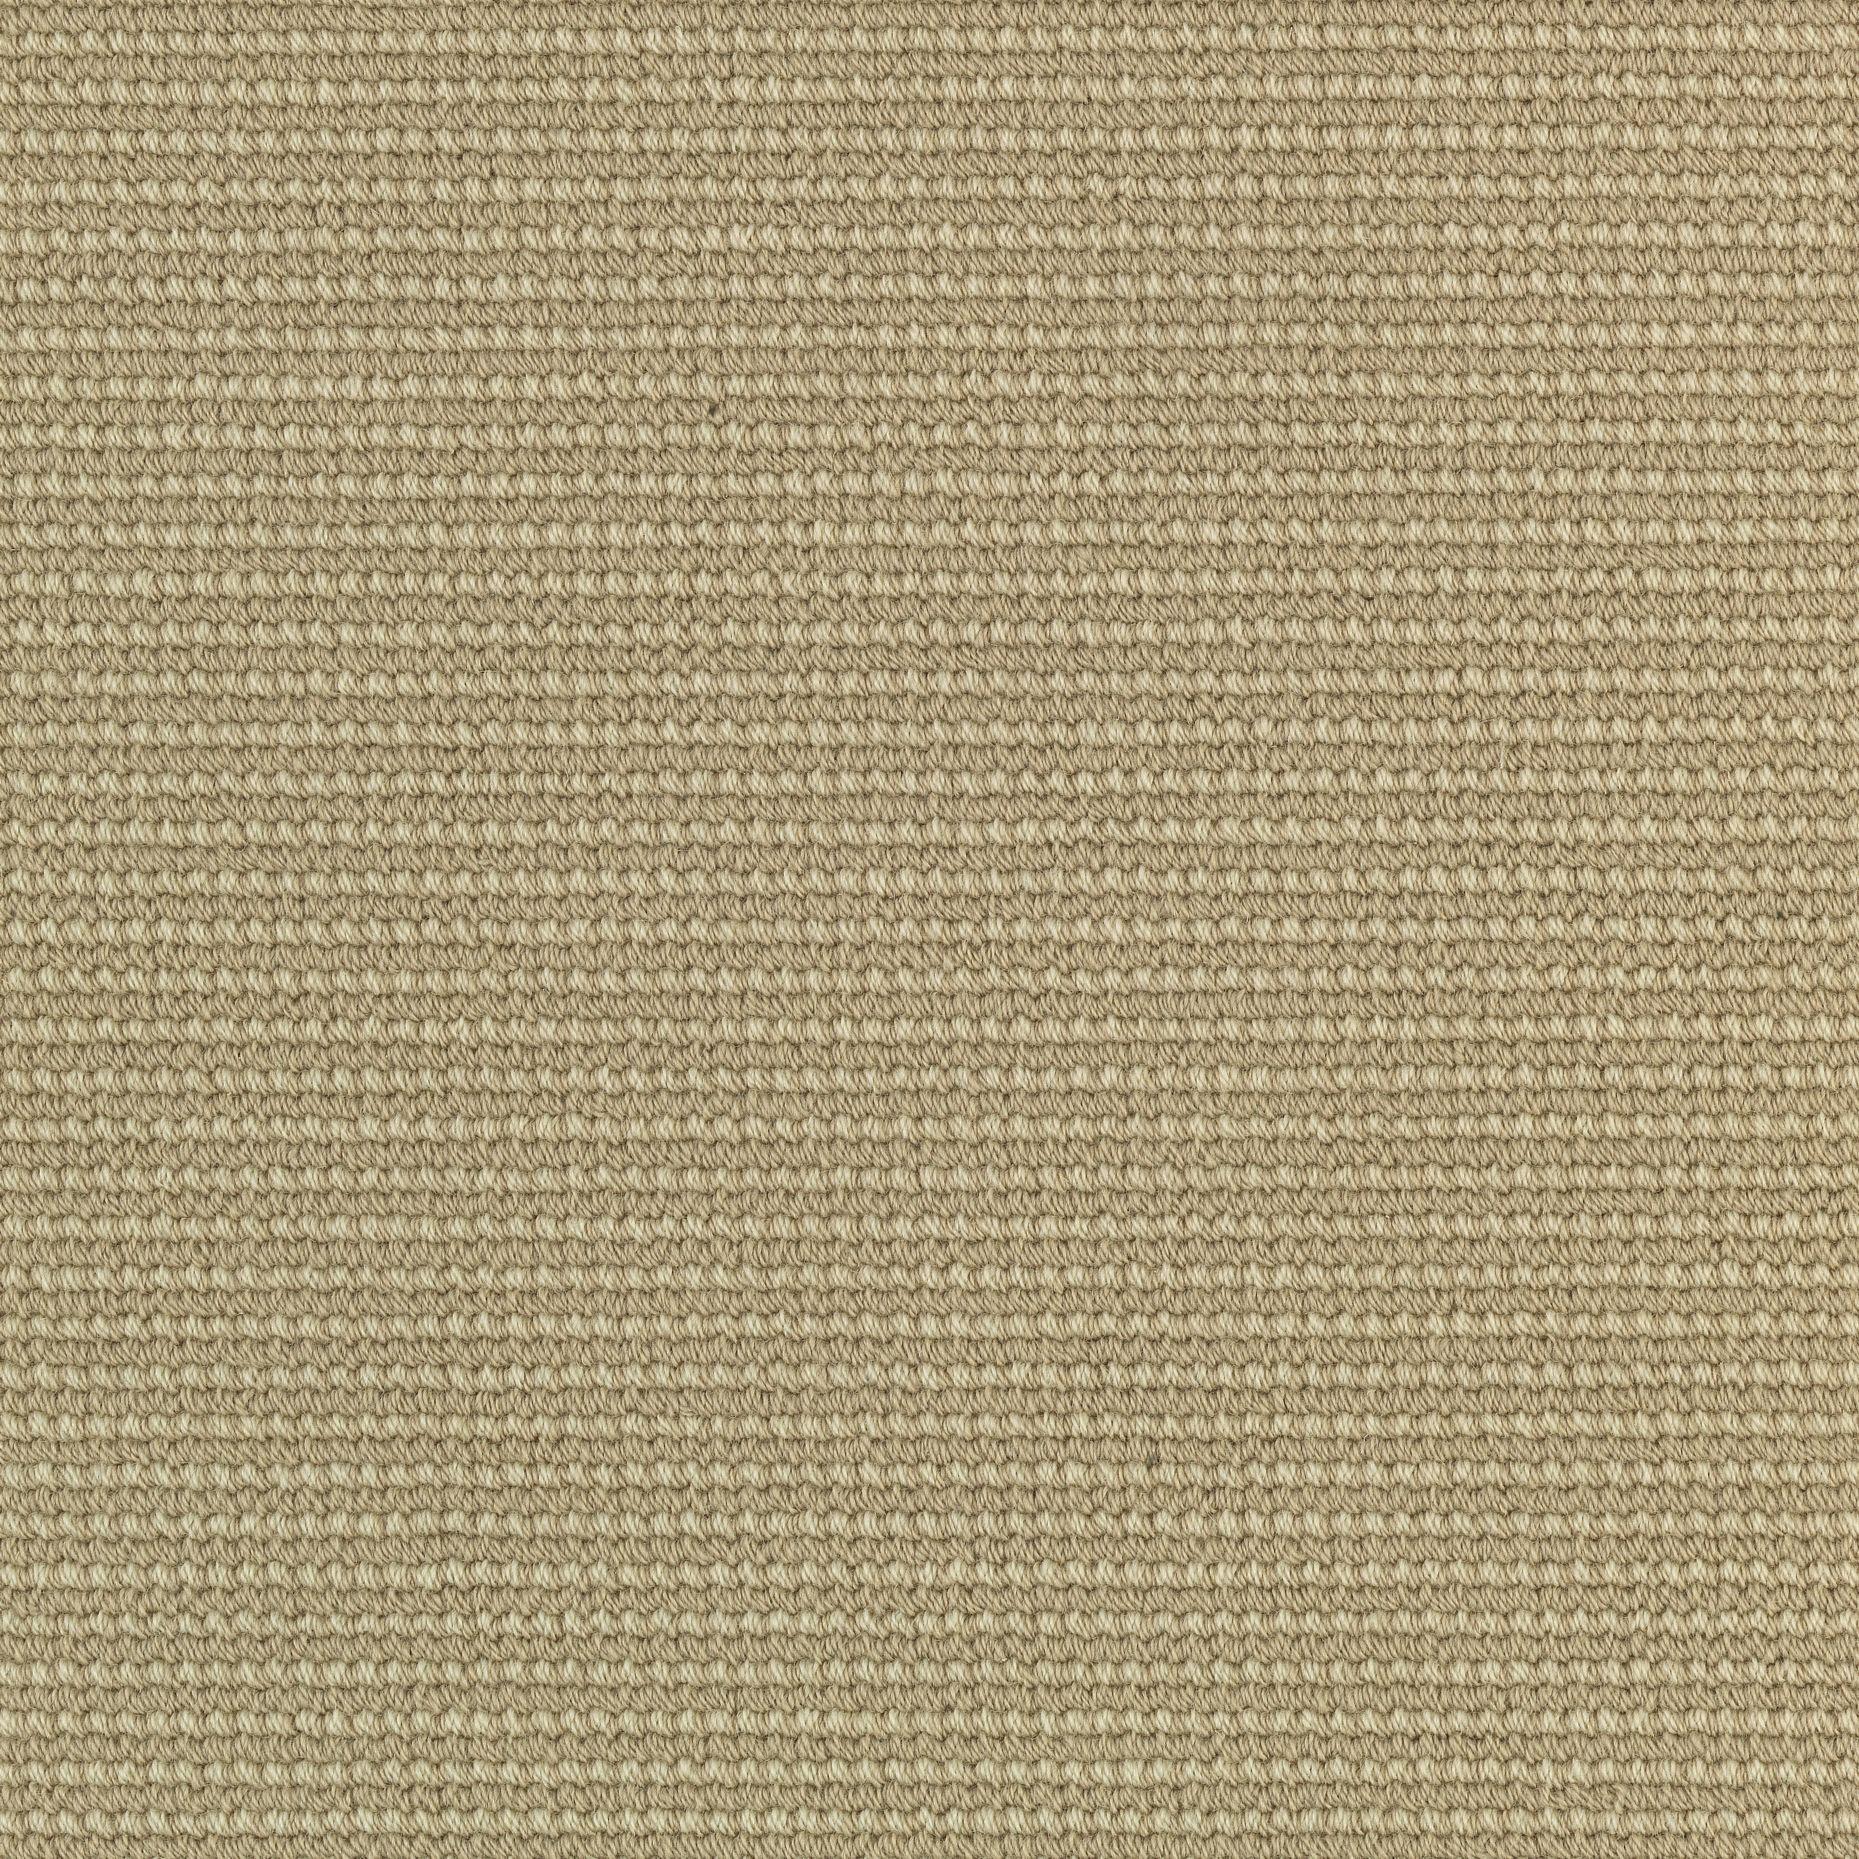 <div>A910E3B4-17D9-47E5-8C71-89FB9DE514A8</div>